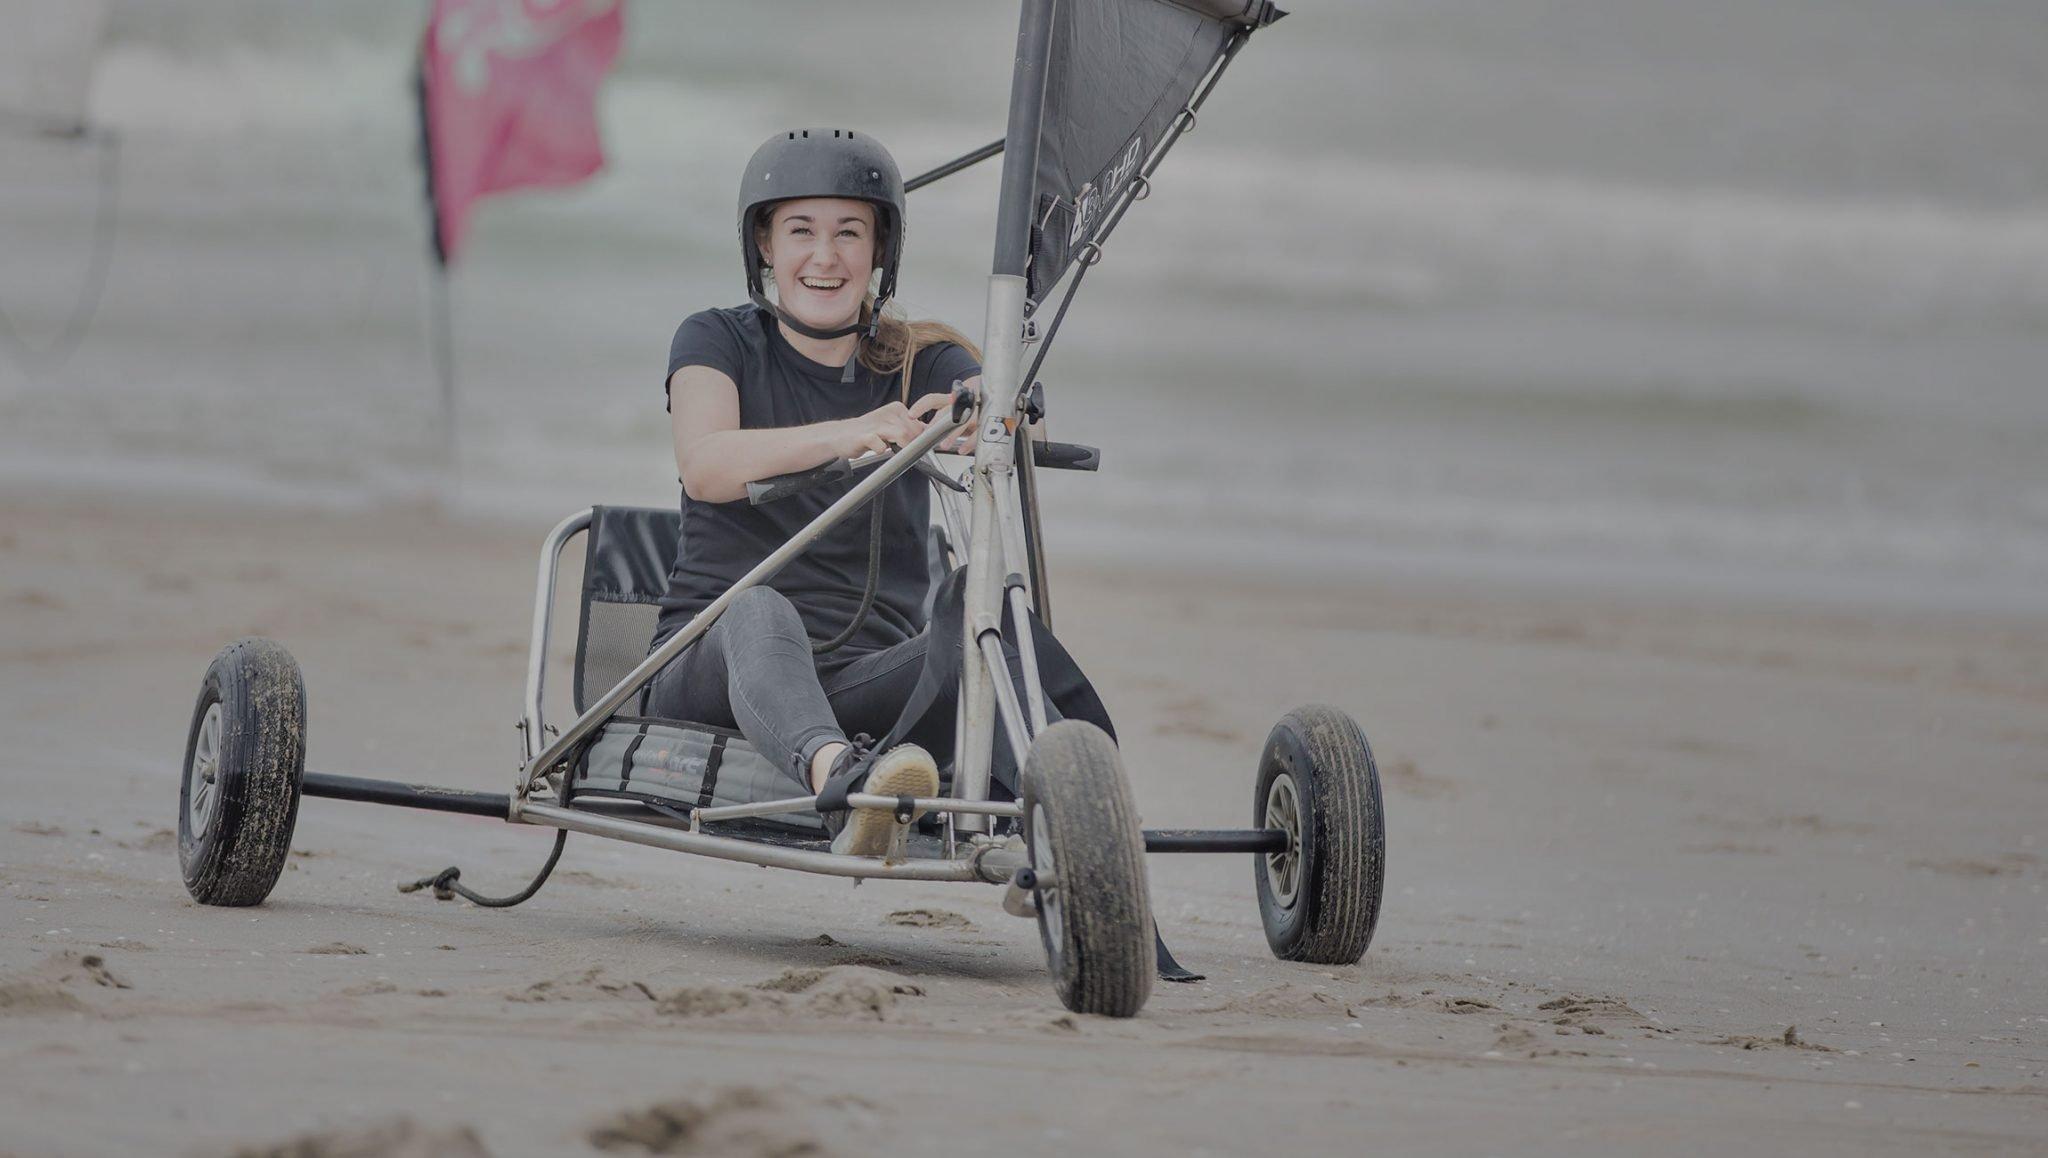 Strandzeilen, blowkarten ofwel blokarten op het strand met een Vrijgezellenfeest, bedrijfsuitje, familie-uitje of teamuitje doe je tussen Scheveningen en Hoek van Holland, in de regio Zuid-Holland op het strand van 's-Gravenzande bij WATO-Events